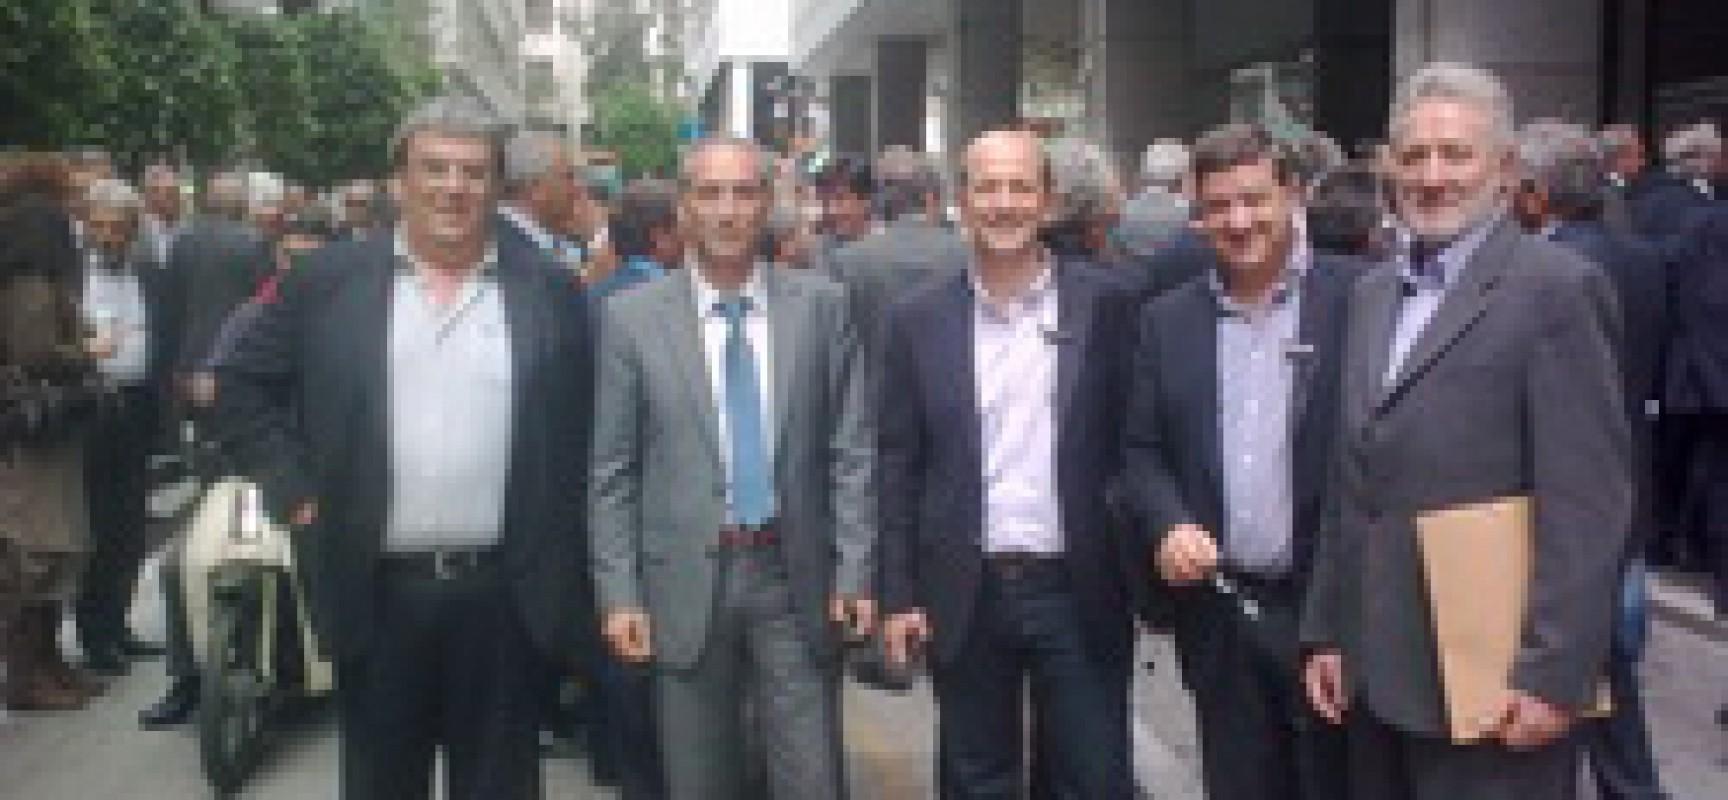 Δελτίο Τύπου: Οι Καρδιτσιώτες Δήμαρχοι διεκδίκησαν ενιαία τα συμφέροντα των Δήμων στο συνέδριο της ΚΕΔΕ